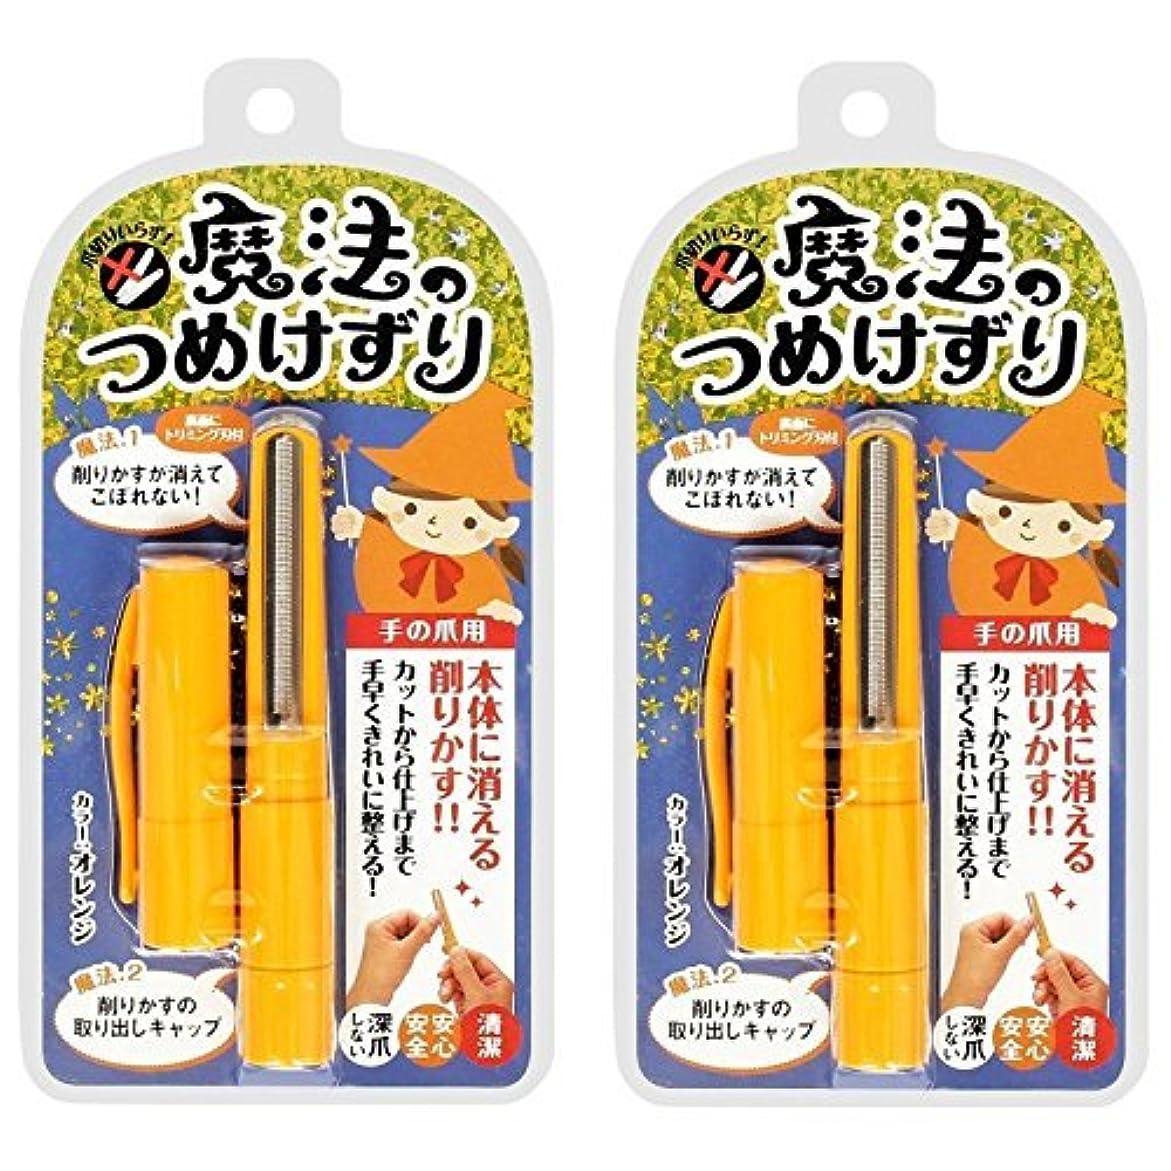 終点影響を受けやすいです夫婦【セット品】松本金型 魔法のつめけずり MM-090 オレンジ ×2個